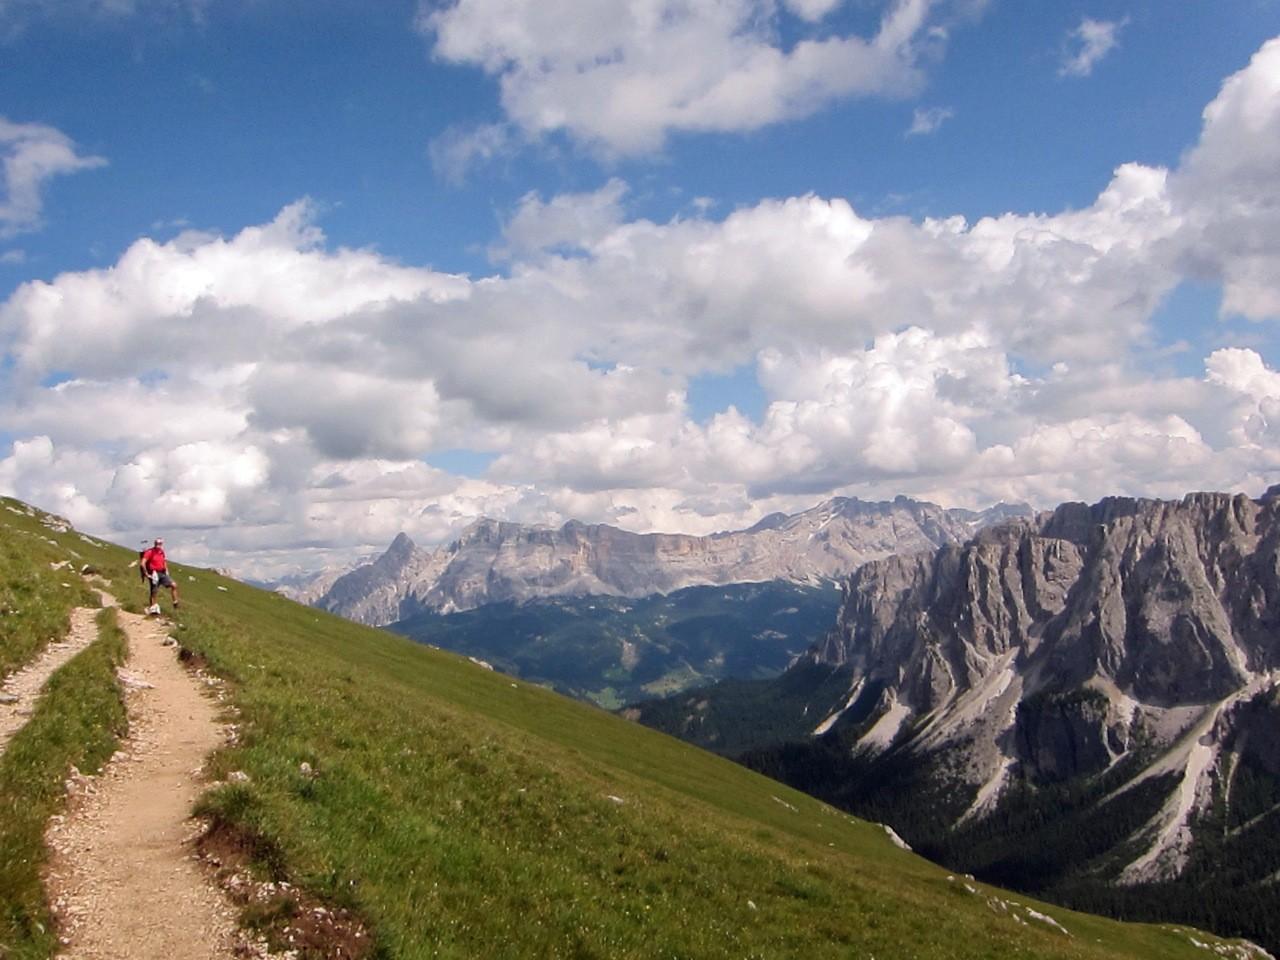 Wanderung zu Schlüterhütte im Villnösser Tal